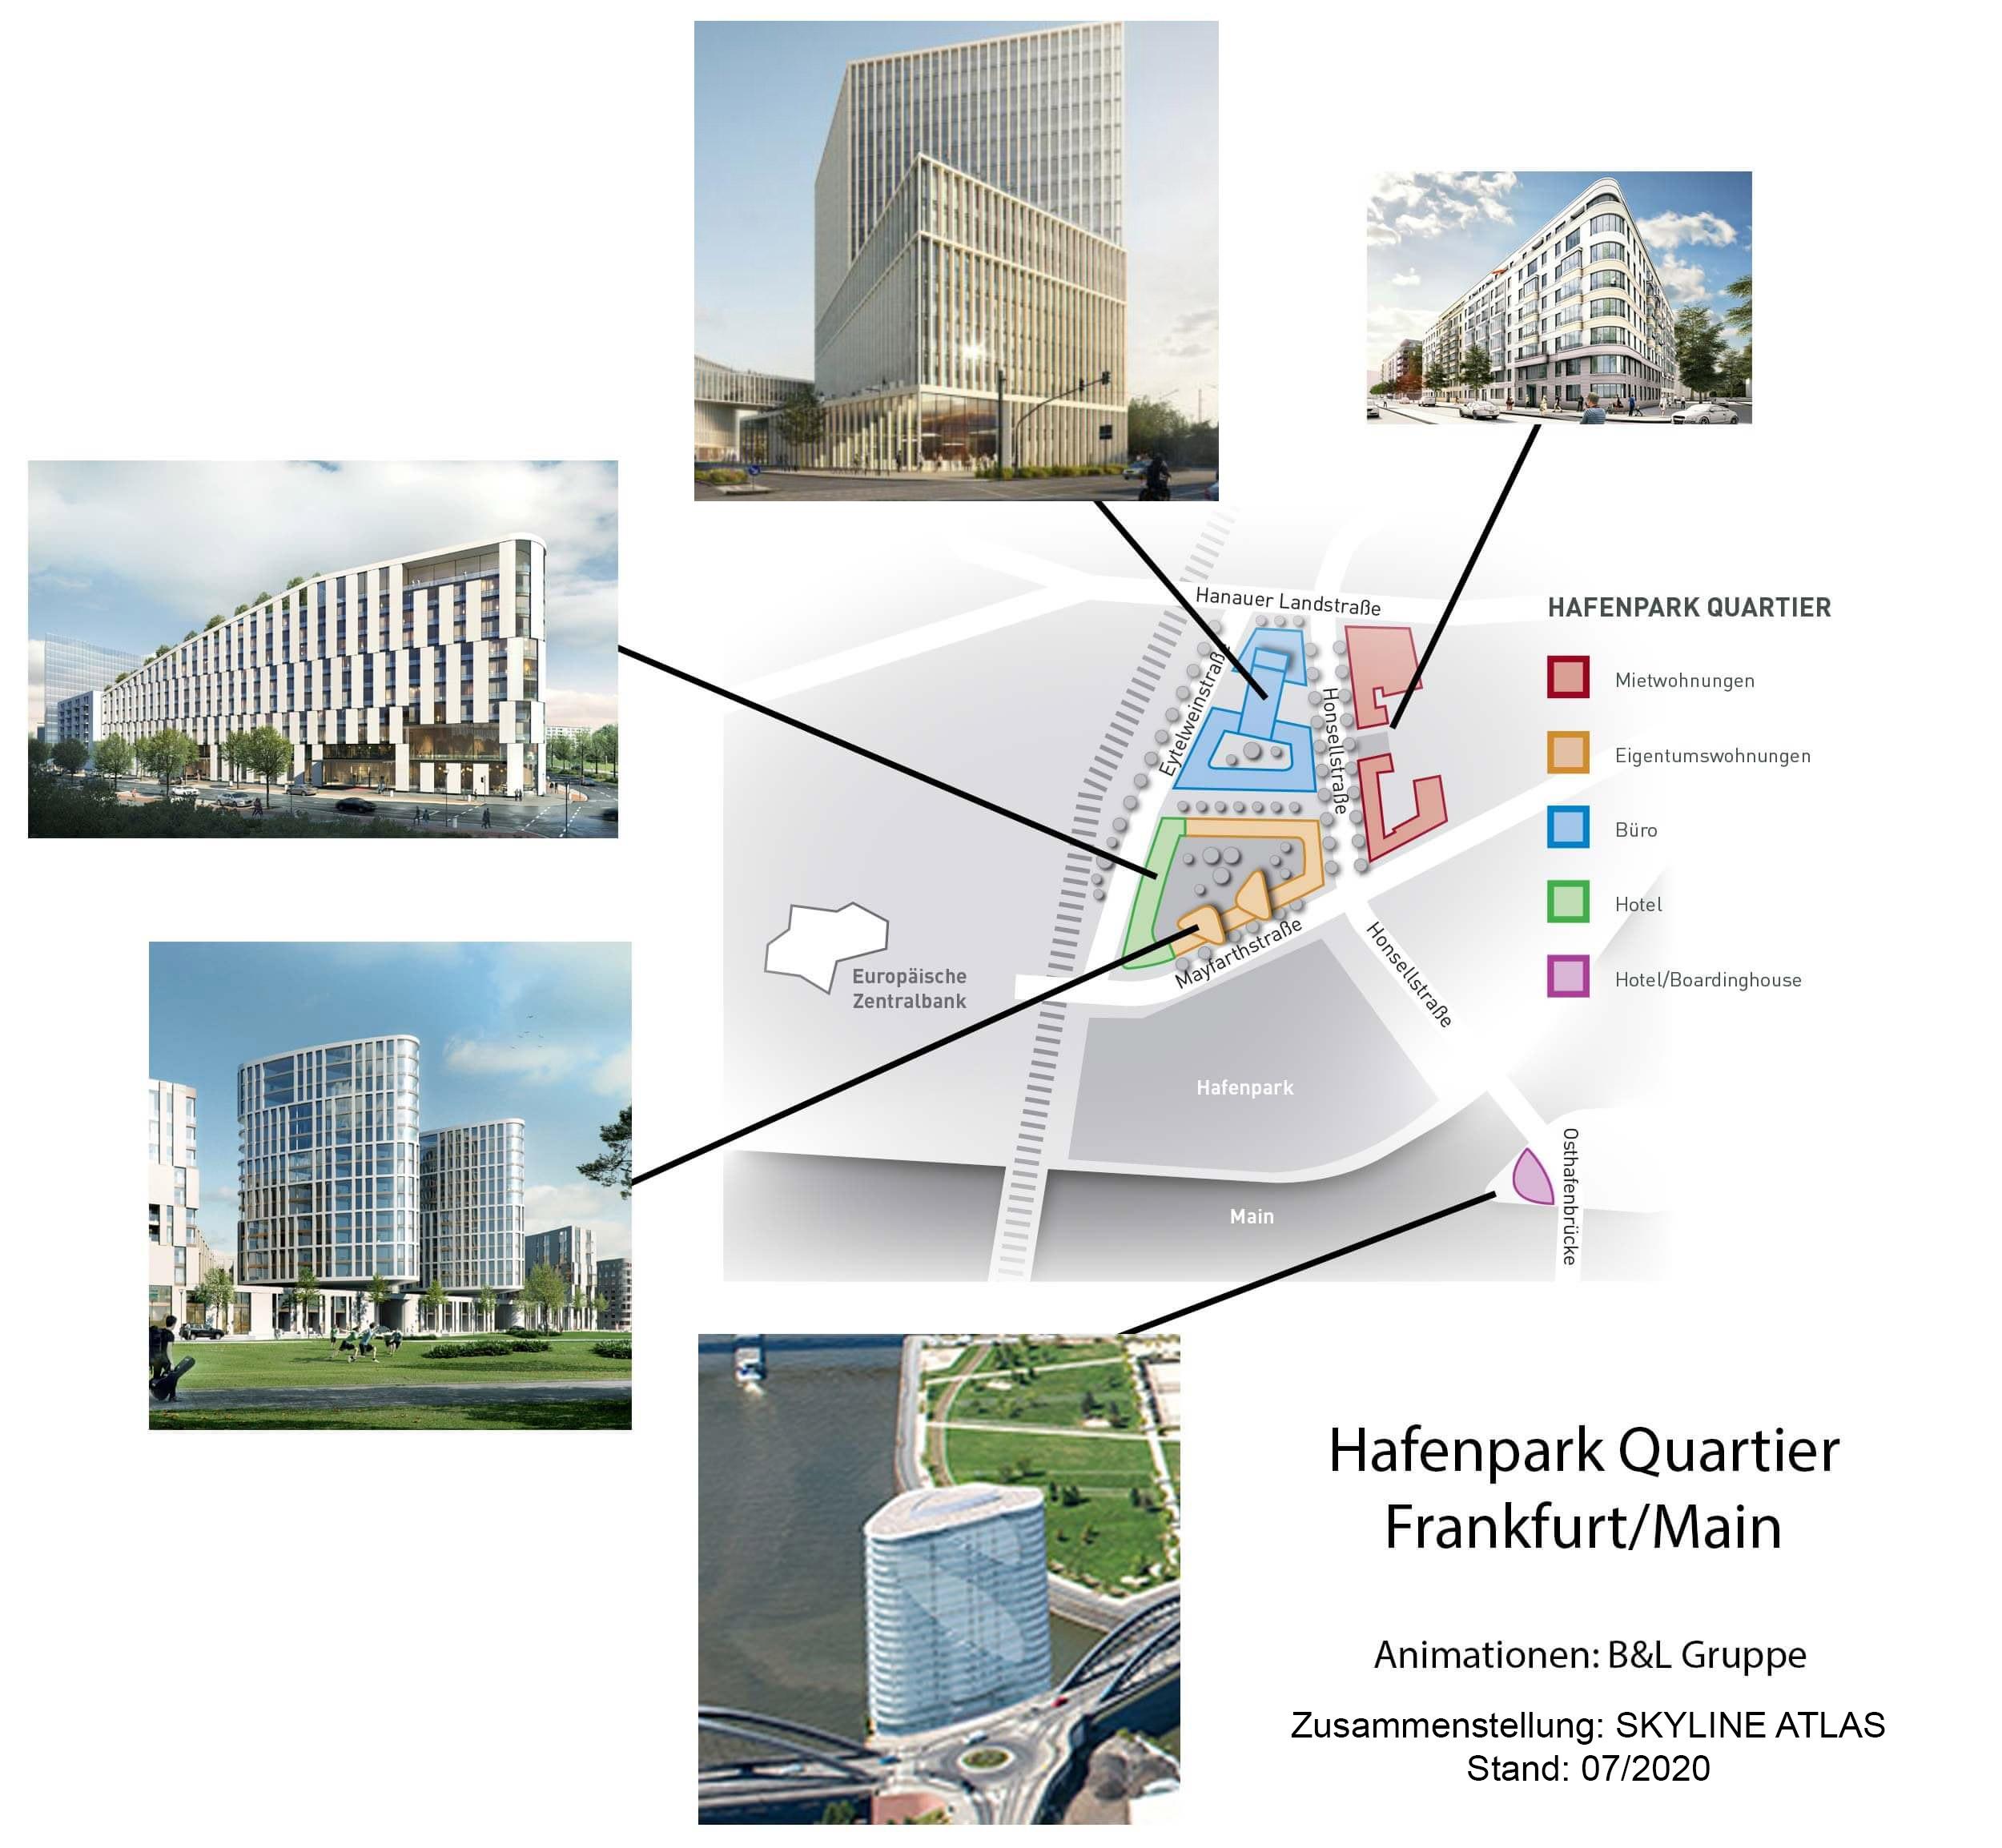 HPQ - Hafenpark Quartier Frankfurt am Main - Neubau Osthafen - Wohnungen zur Miete - geplante Wohnungen mit Mainblick